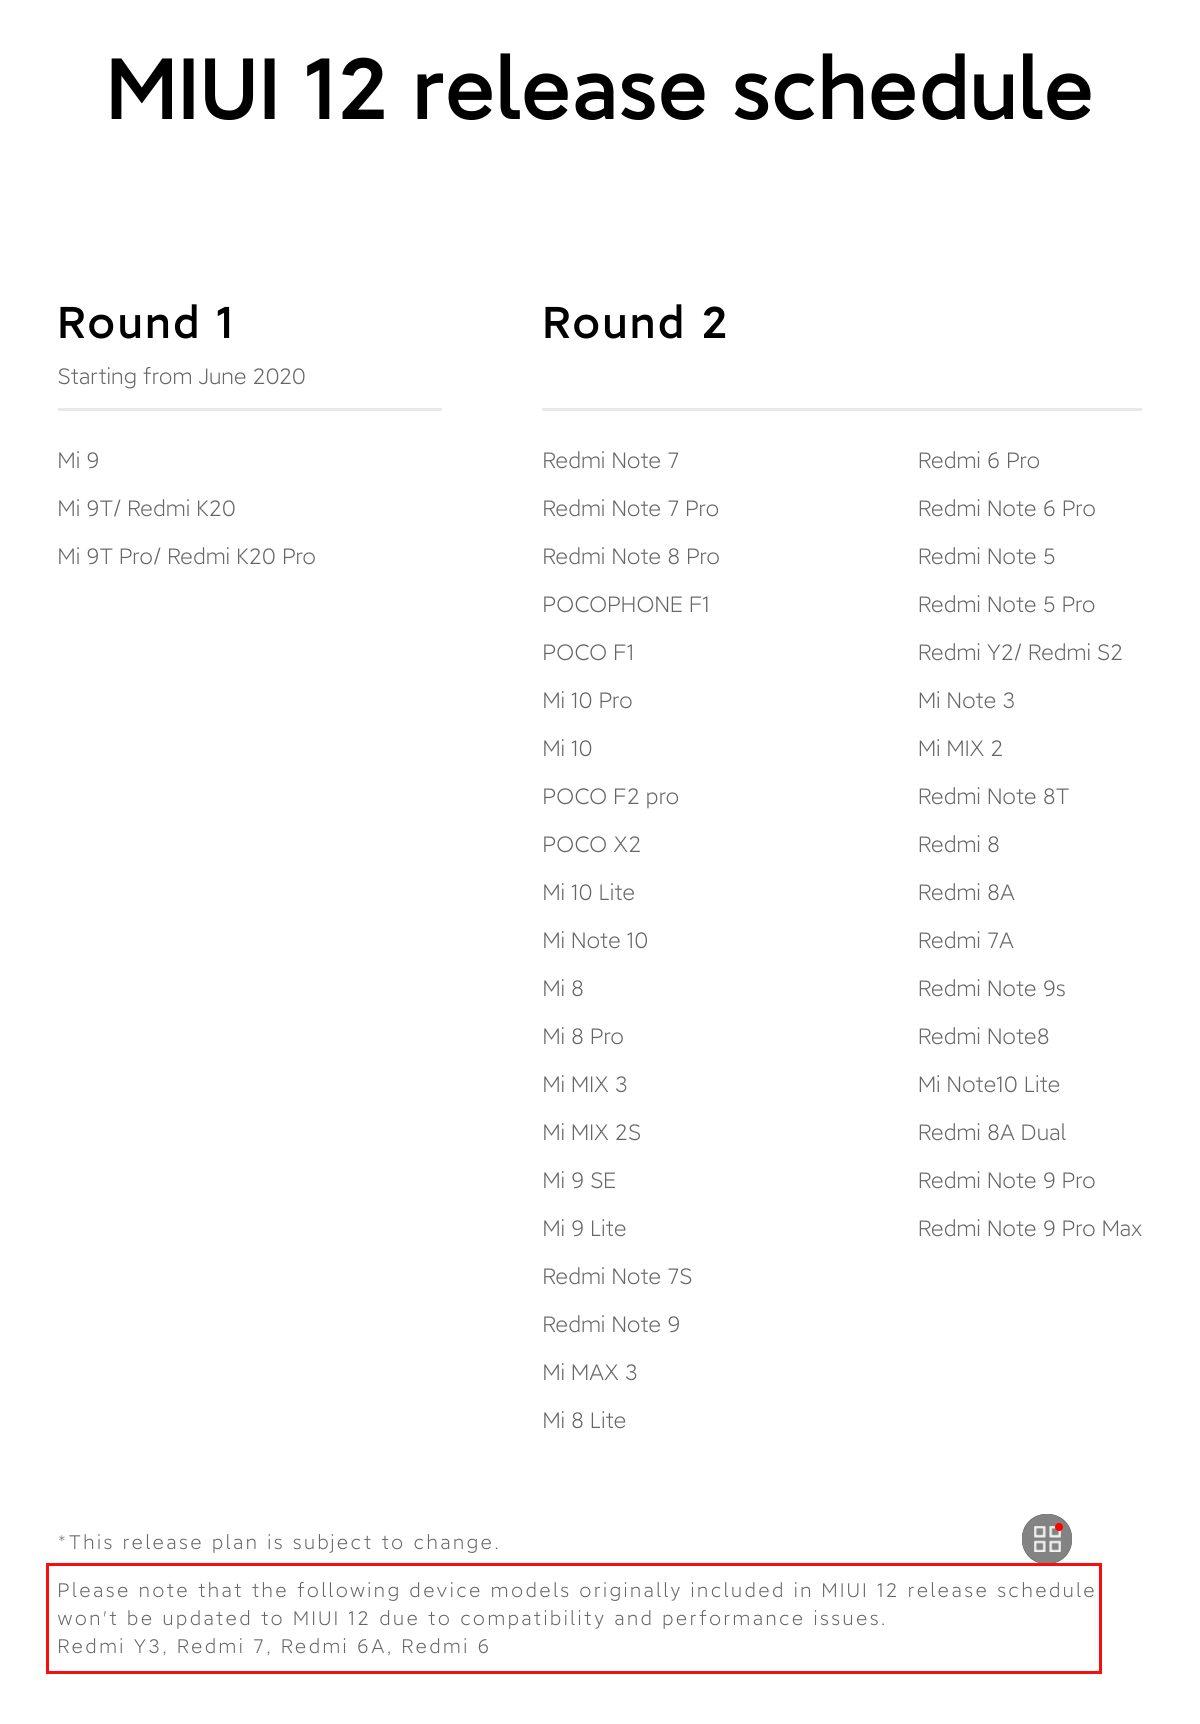 Китайские СМИ: Xiaomi исключила Redmi Y3, Redmi 7, Redmi 6 и Redmi 6A из списка получателей MIUI 12